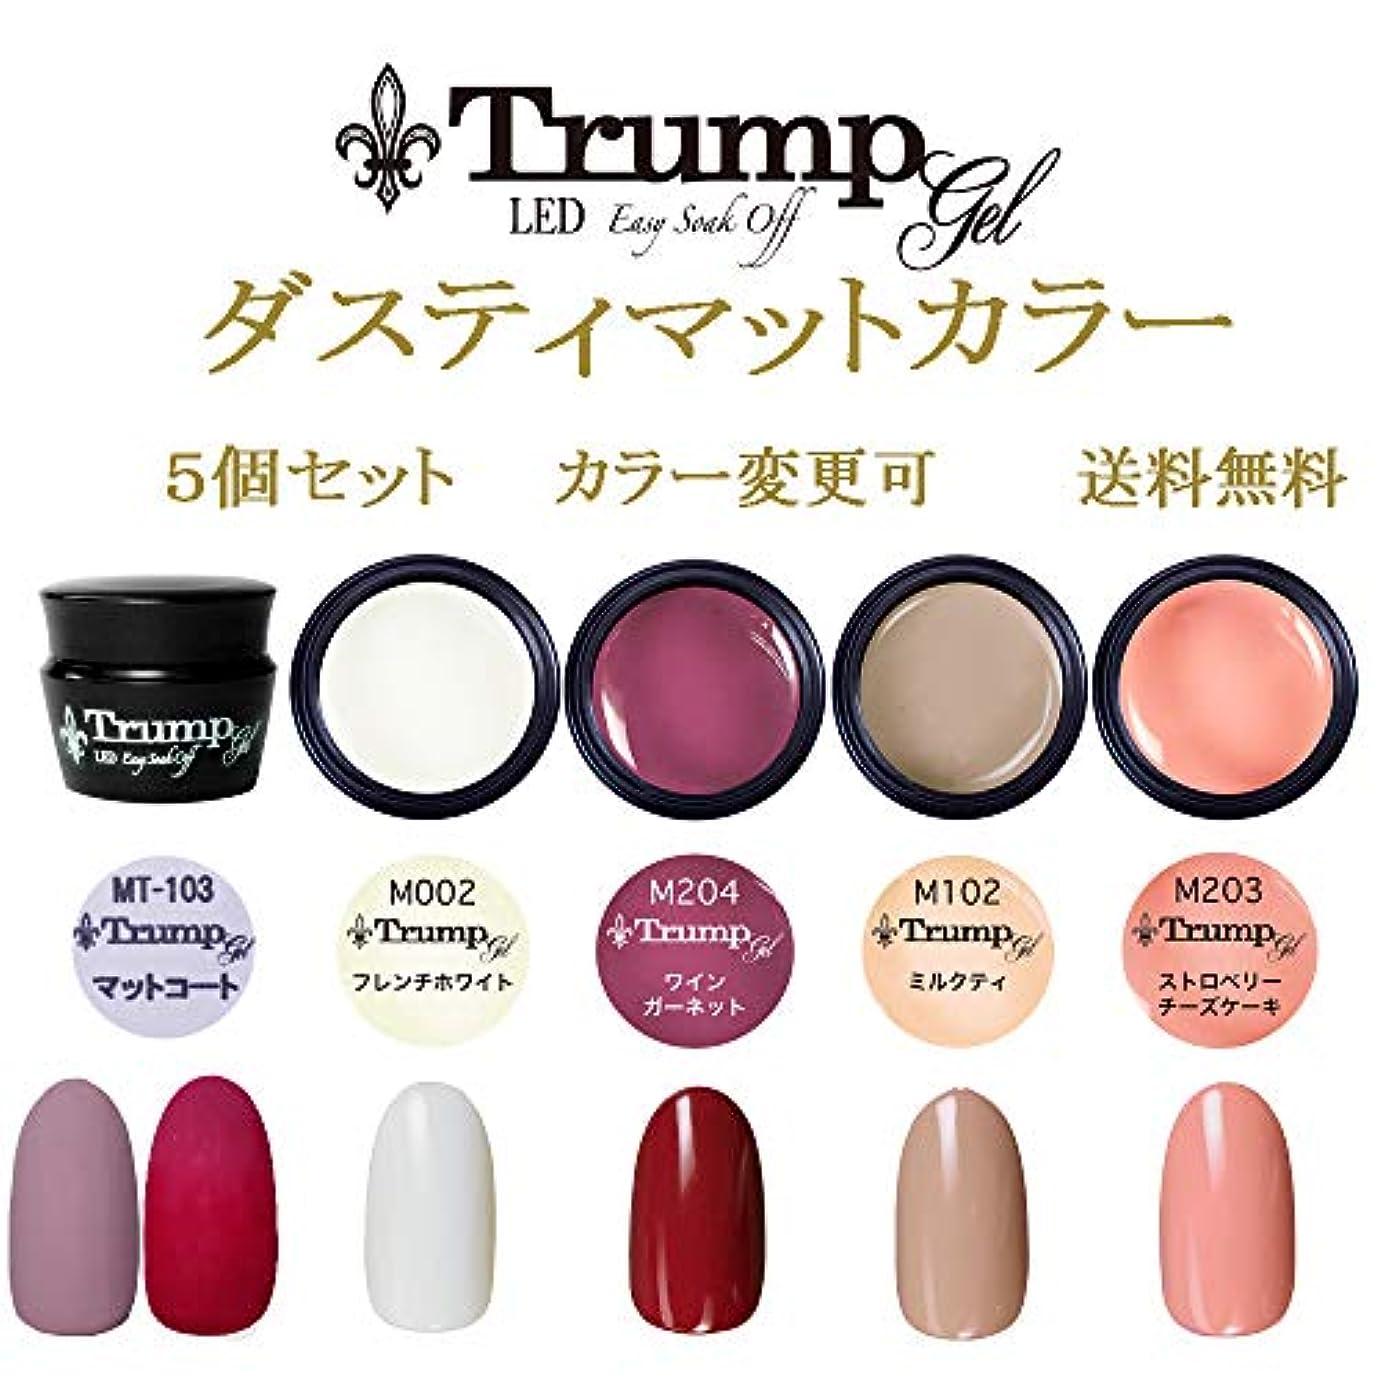 ランドマークアボート本気【送料無料】日本製 Trump gel トランプジェル ダスティマット カラージェル 5個セット 魅惑のフロストマットトップとマットに合う人気カラーをチョイス